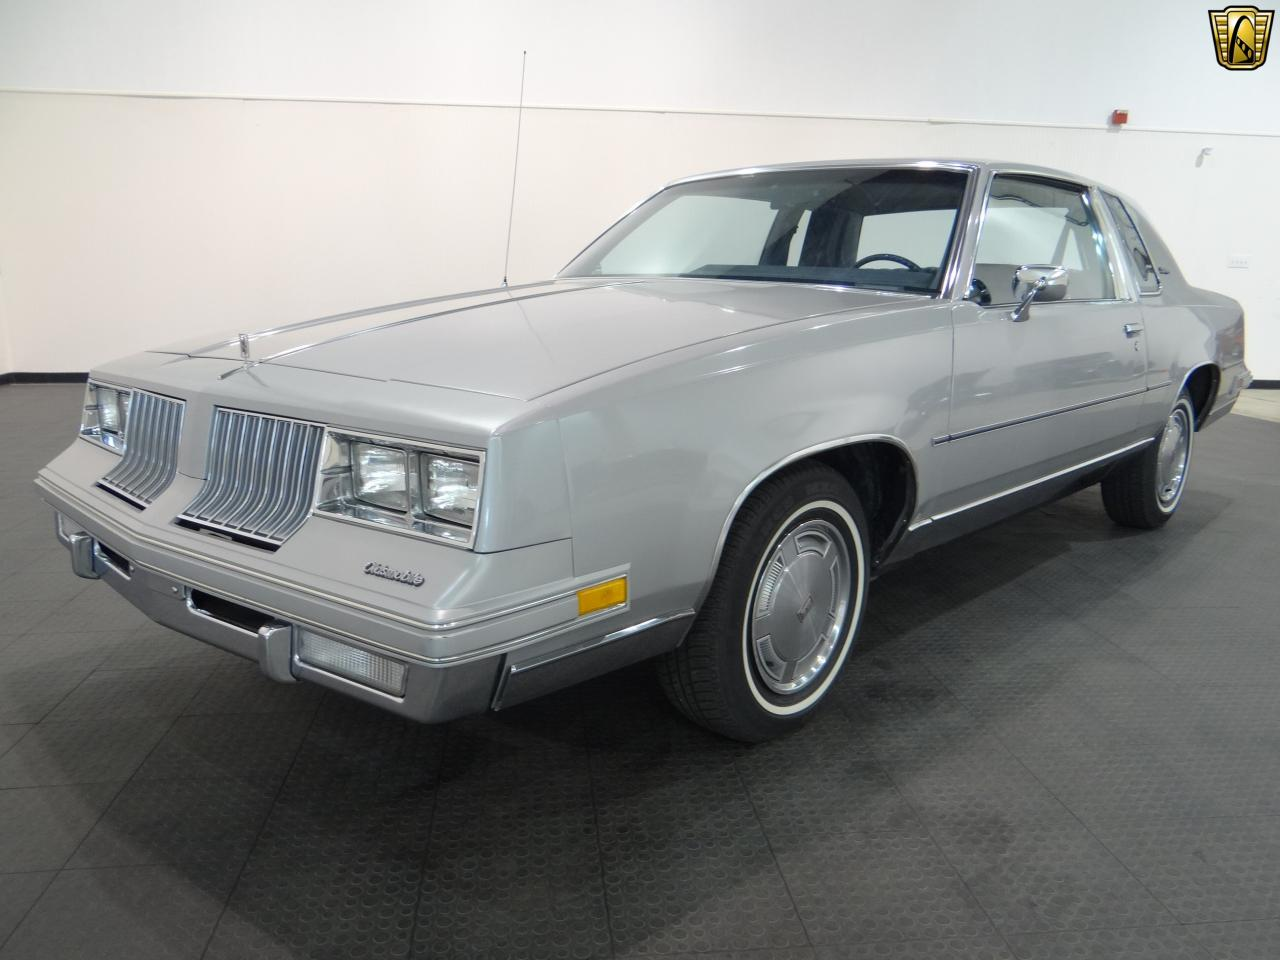 1984 oldsmobile cutlass supreme 9028 miles silver 2dr 3 8l v6 2bl ohv 3 speed au